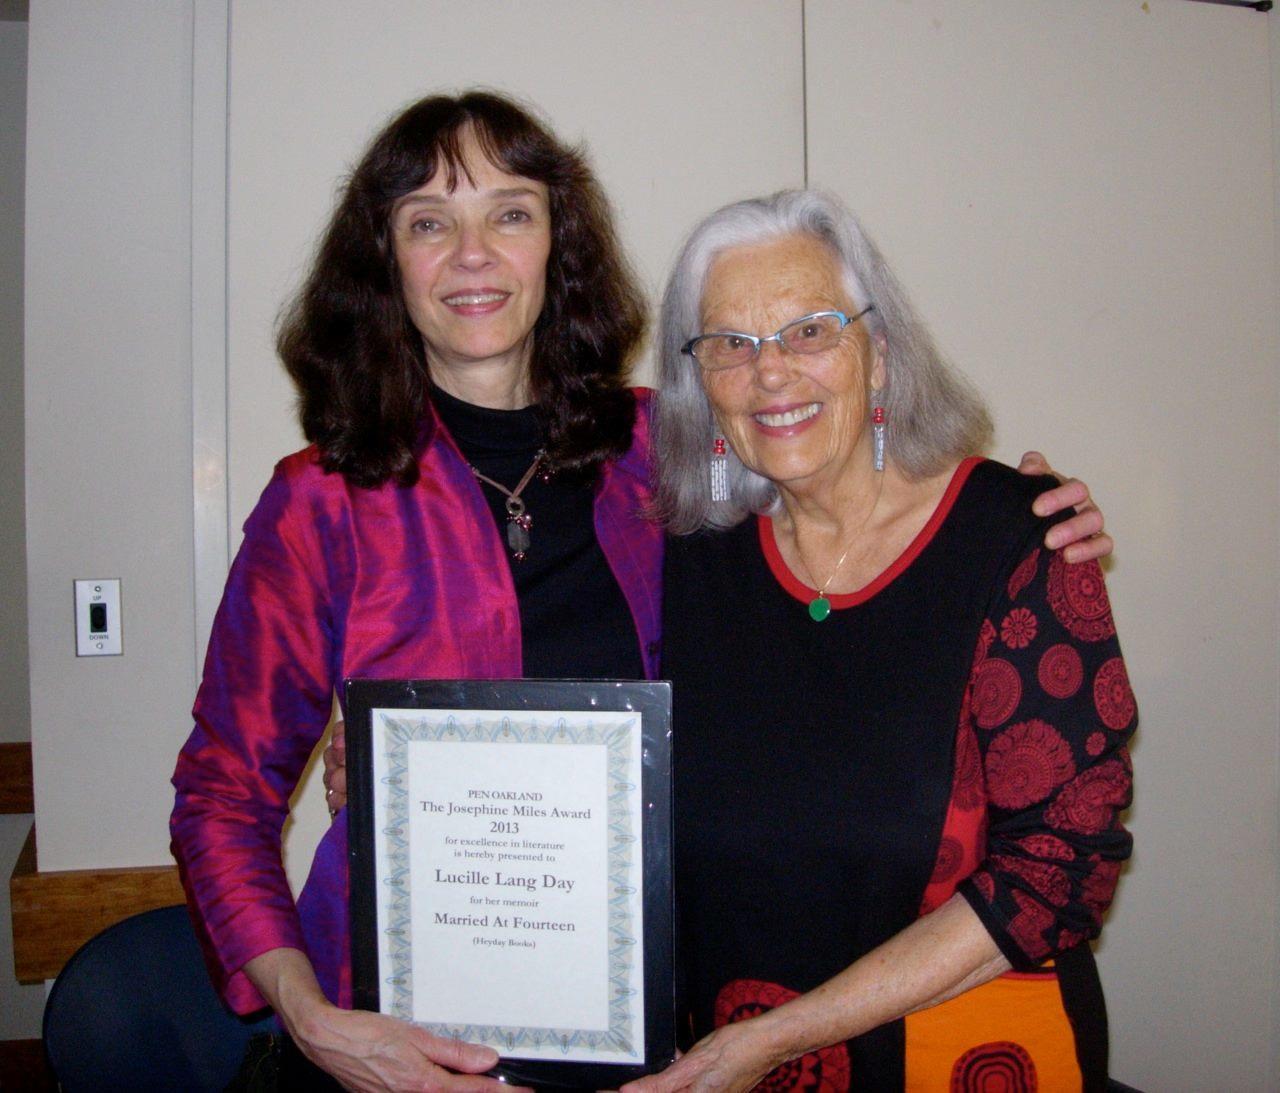 Nina & Lucy Lang Day at Pen Oakland Book Awards 2013